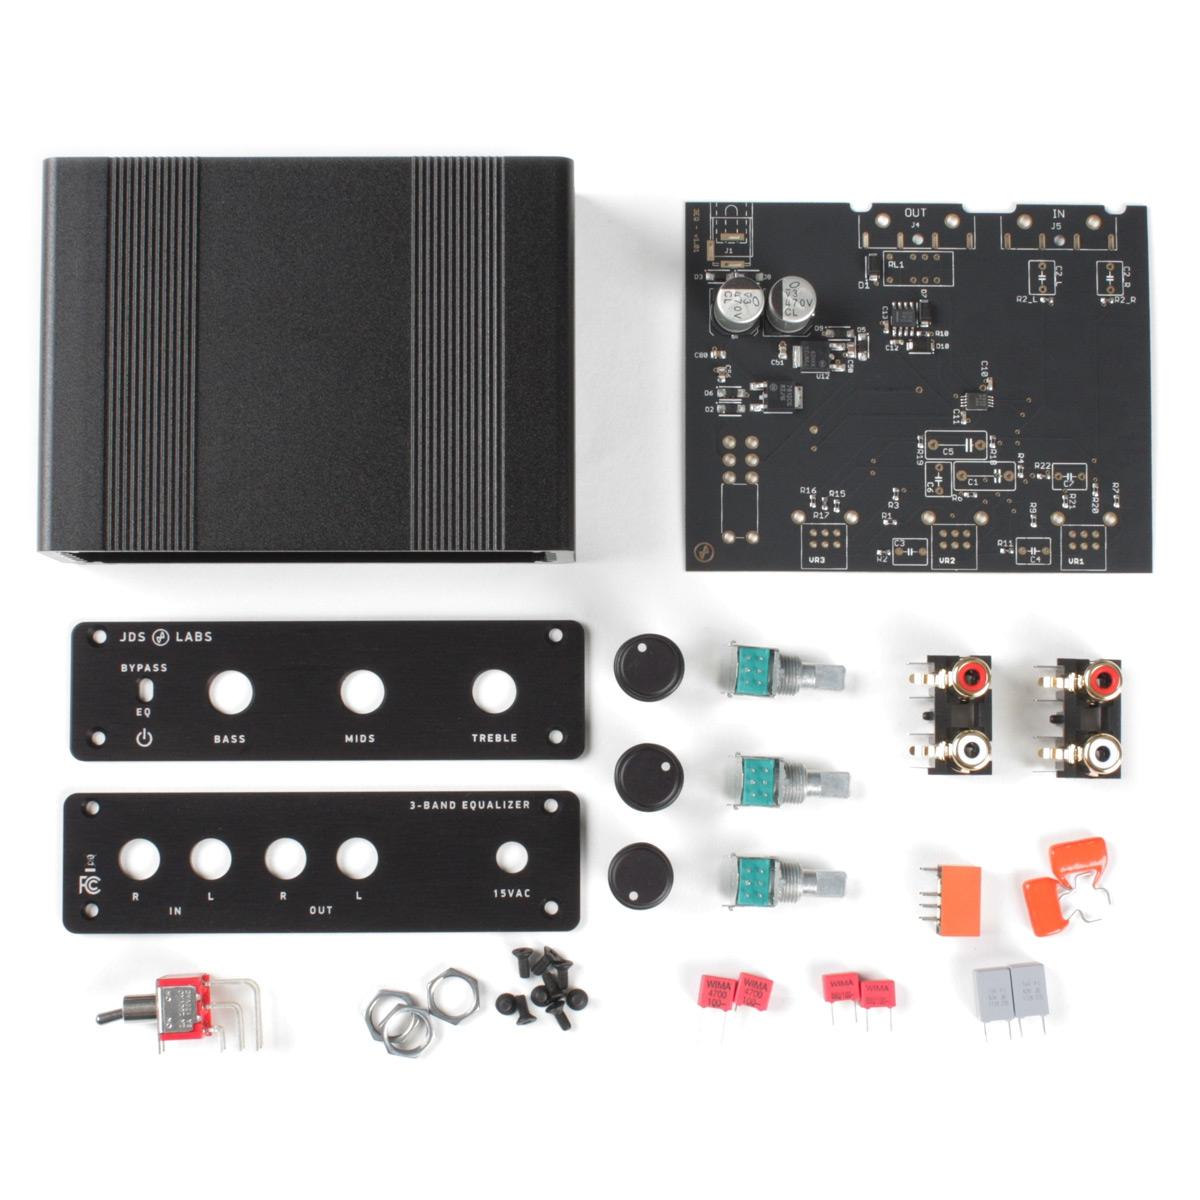 JDS Labs - 3-Band Equalizer DIY Kit - DIY Kits